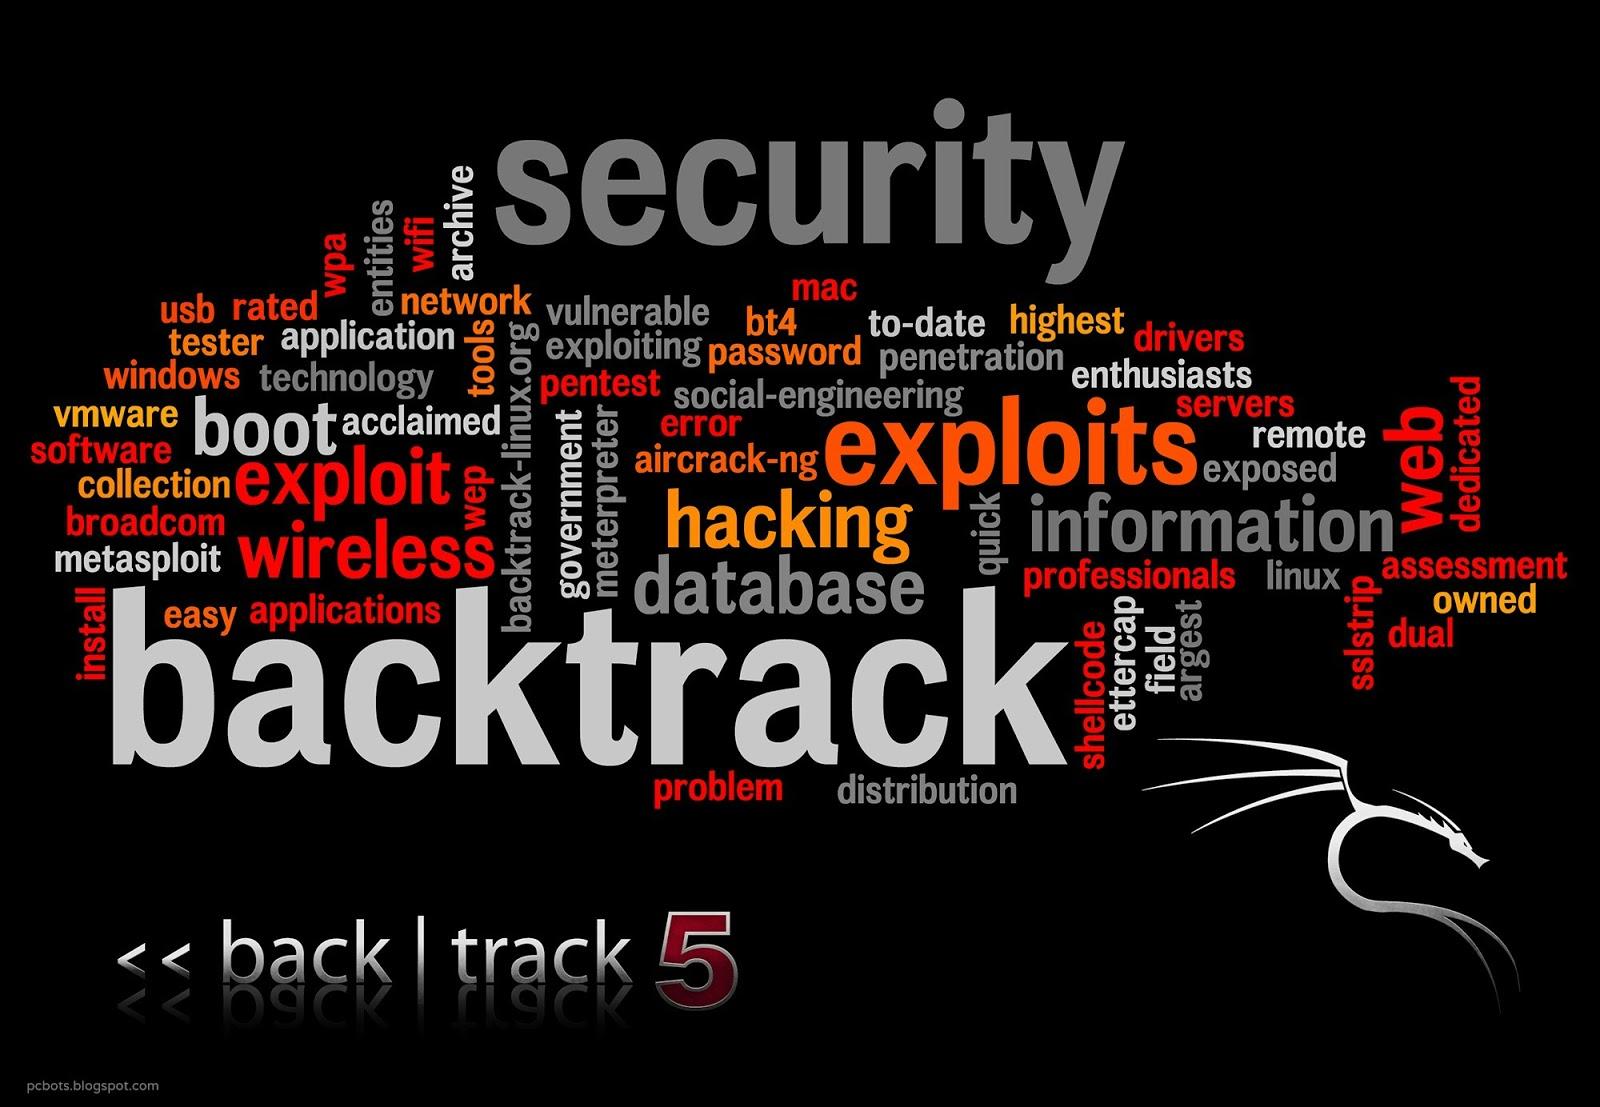 hacking wallpaper for laptop